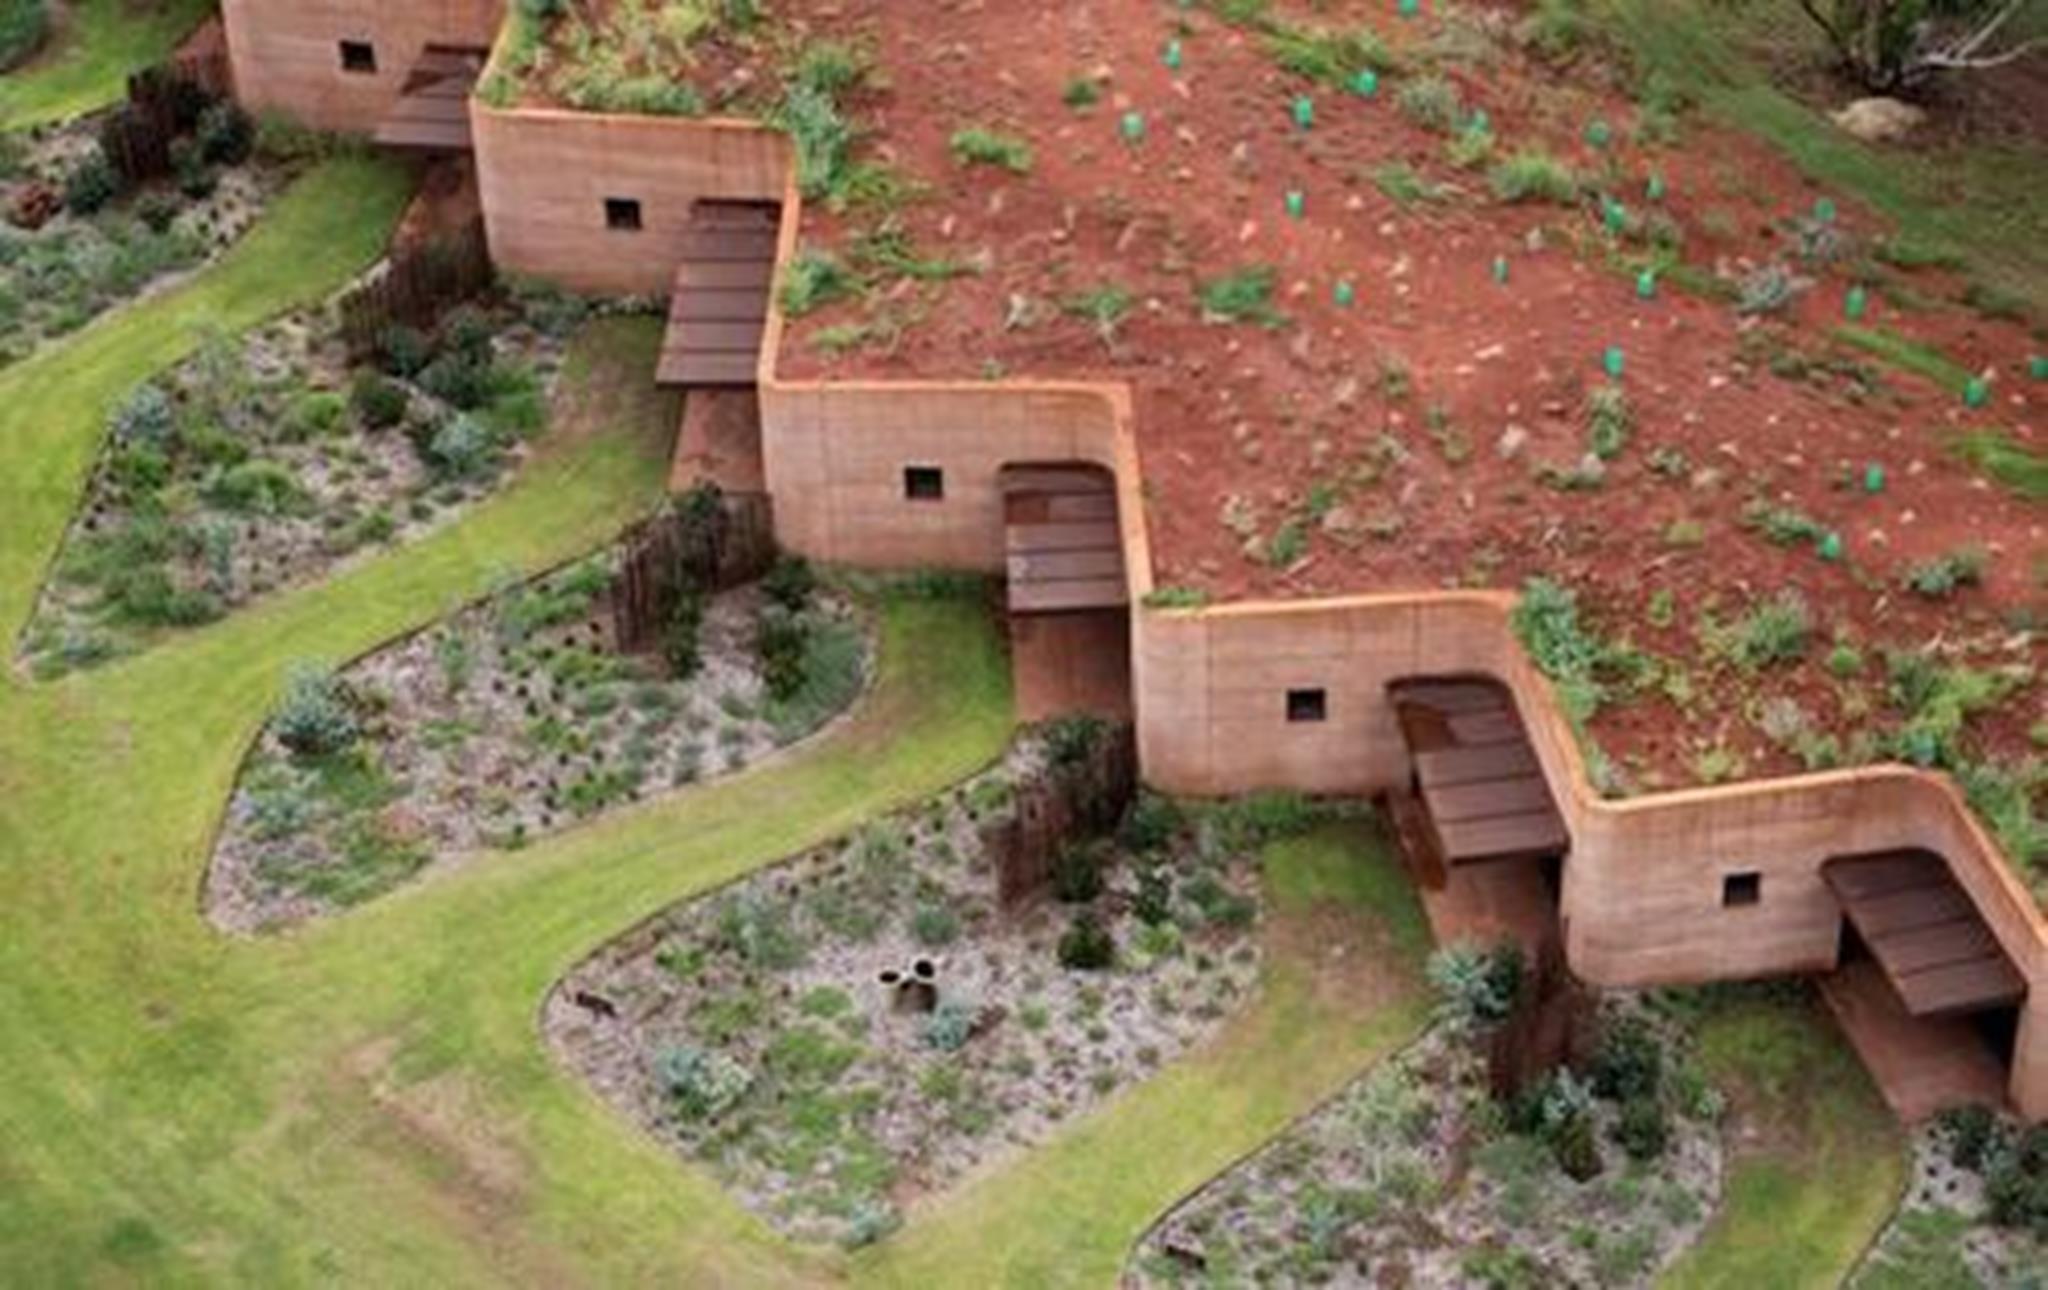 """Trại gia súc mang tên """"The Great Wall of WA"""" của kiến trúc sư Luigi Rosselli là nơi trú ngụ lý tưởng cho gia súc trong mùa chăn thả. Cả khu trại trải dài trên diện tích khoảng 260m và được xây dựng bằng các vật liệu thích hợp với khí hậu, ánh sáng, vị trí, hướng nhà để nhằm duy trì nhiệt độ mát mẻ tự nhiên trong khí hậu nhiệt đới."""